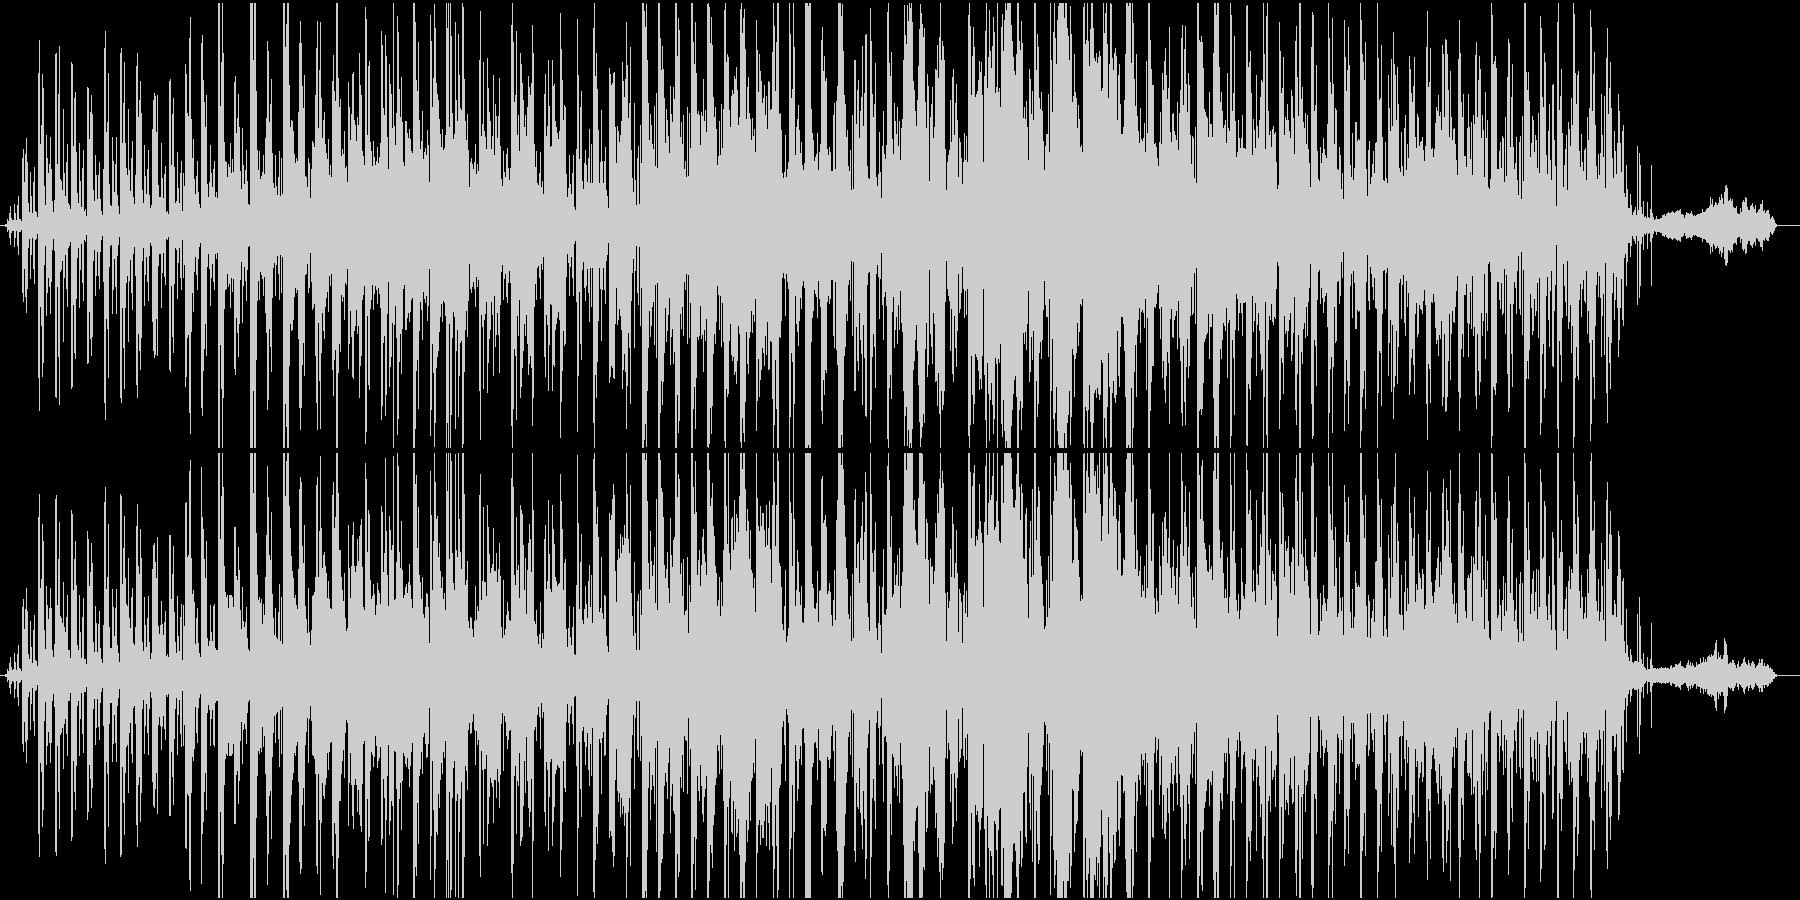 SWEET THINGの未再生の波形